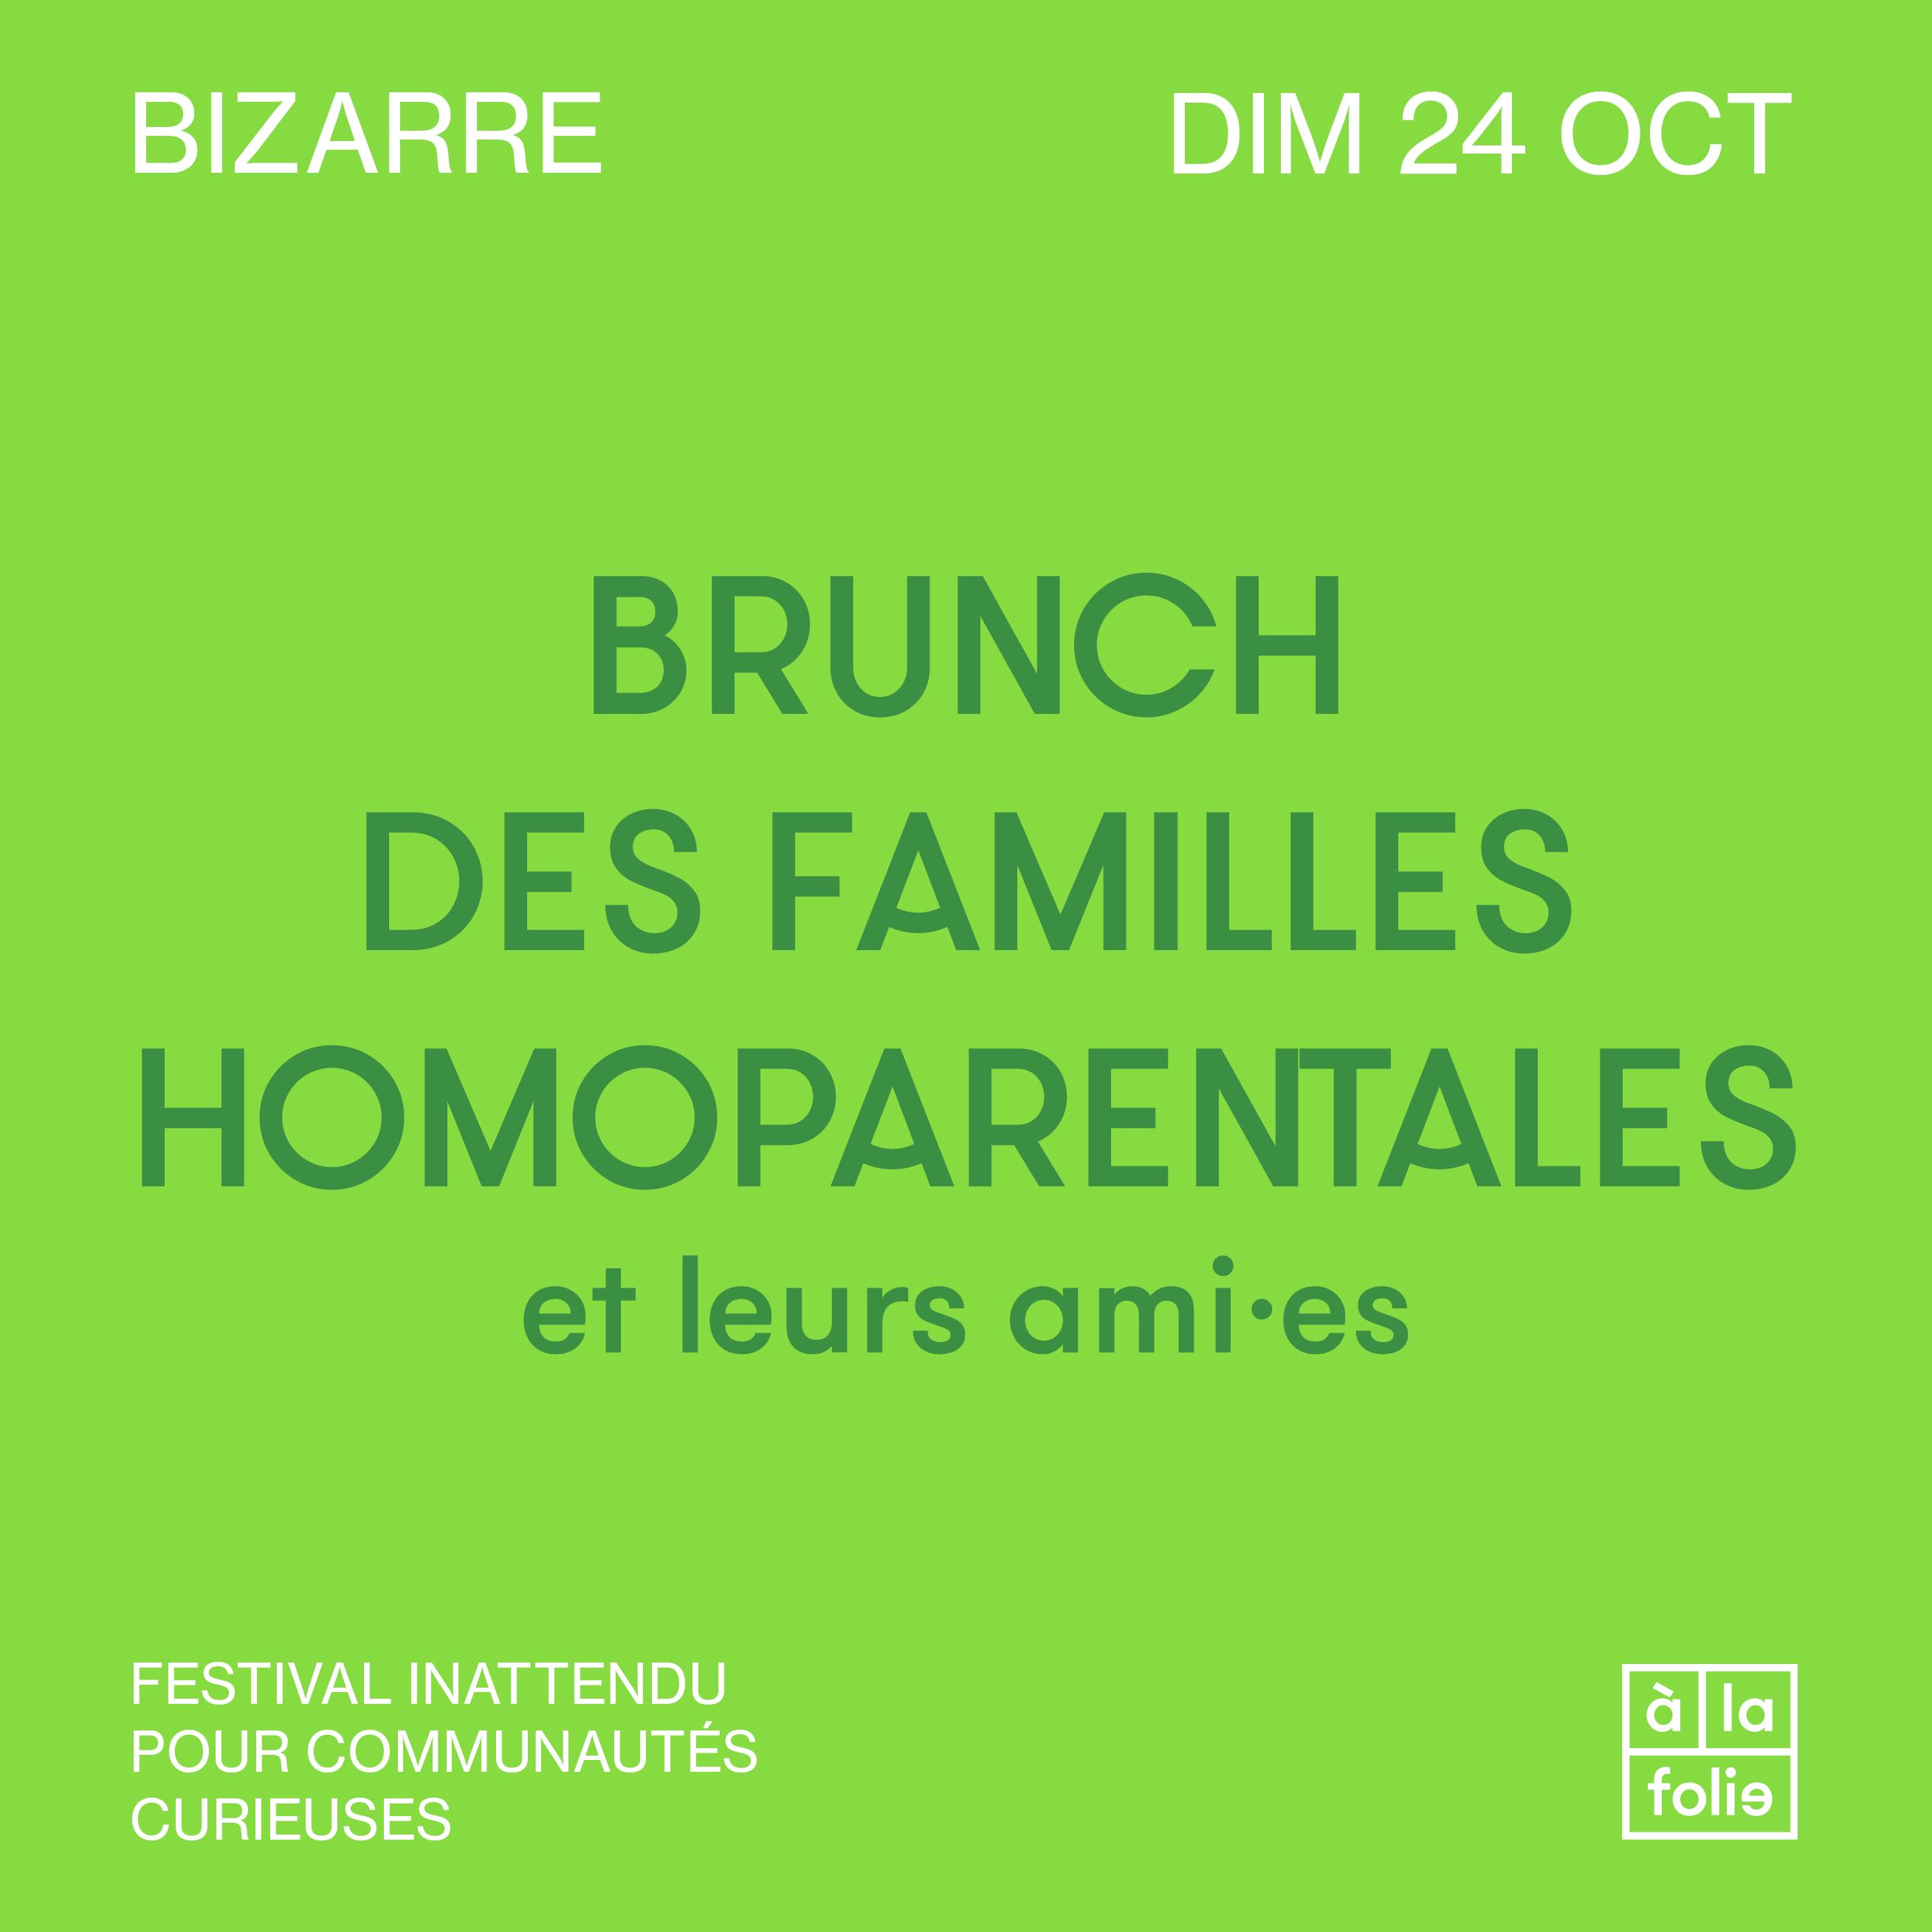 BIZARRE · Brunch des familles homoparentales et leurs ami·es